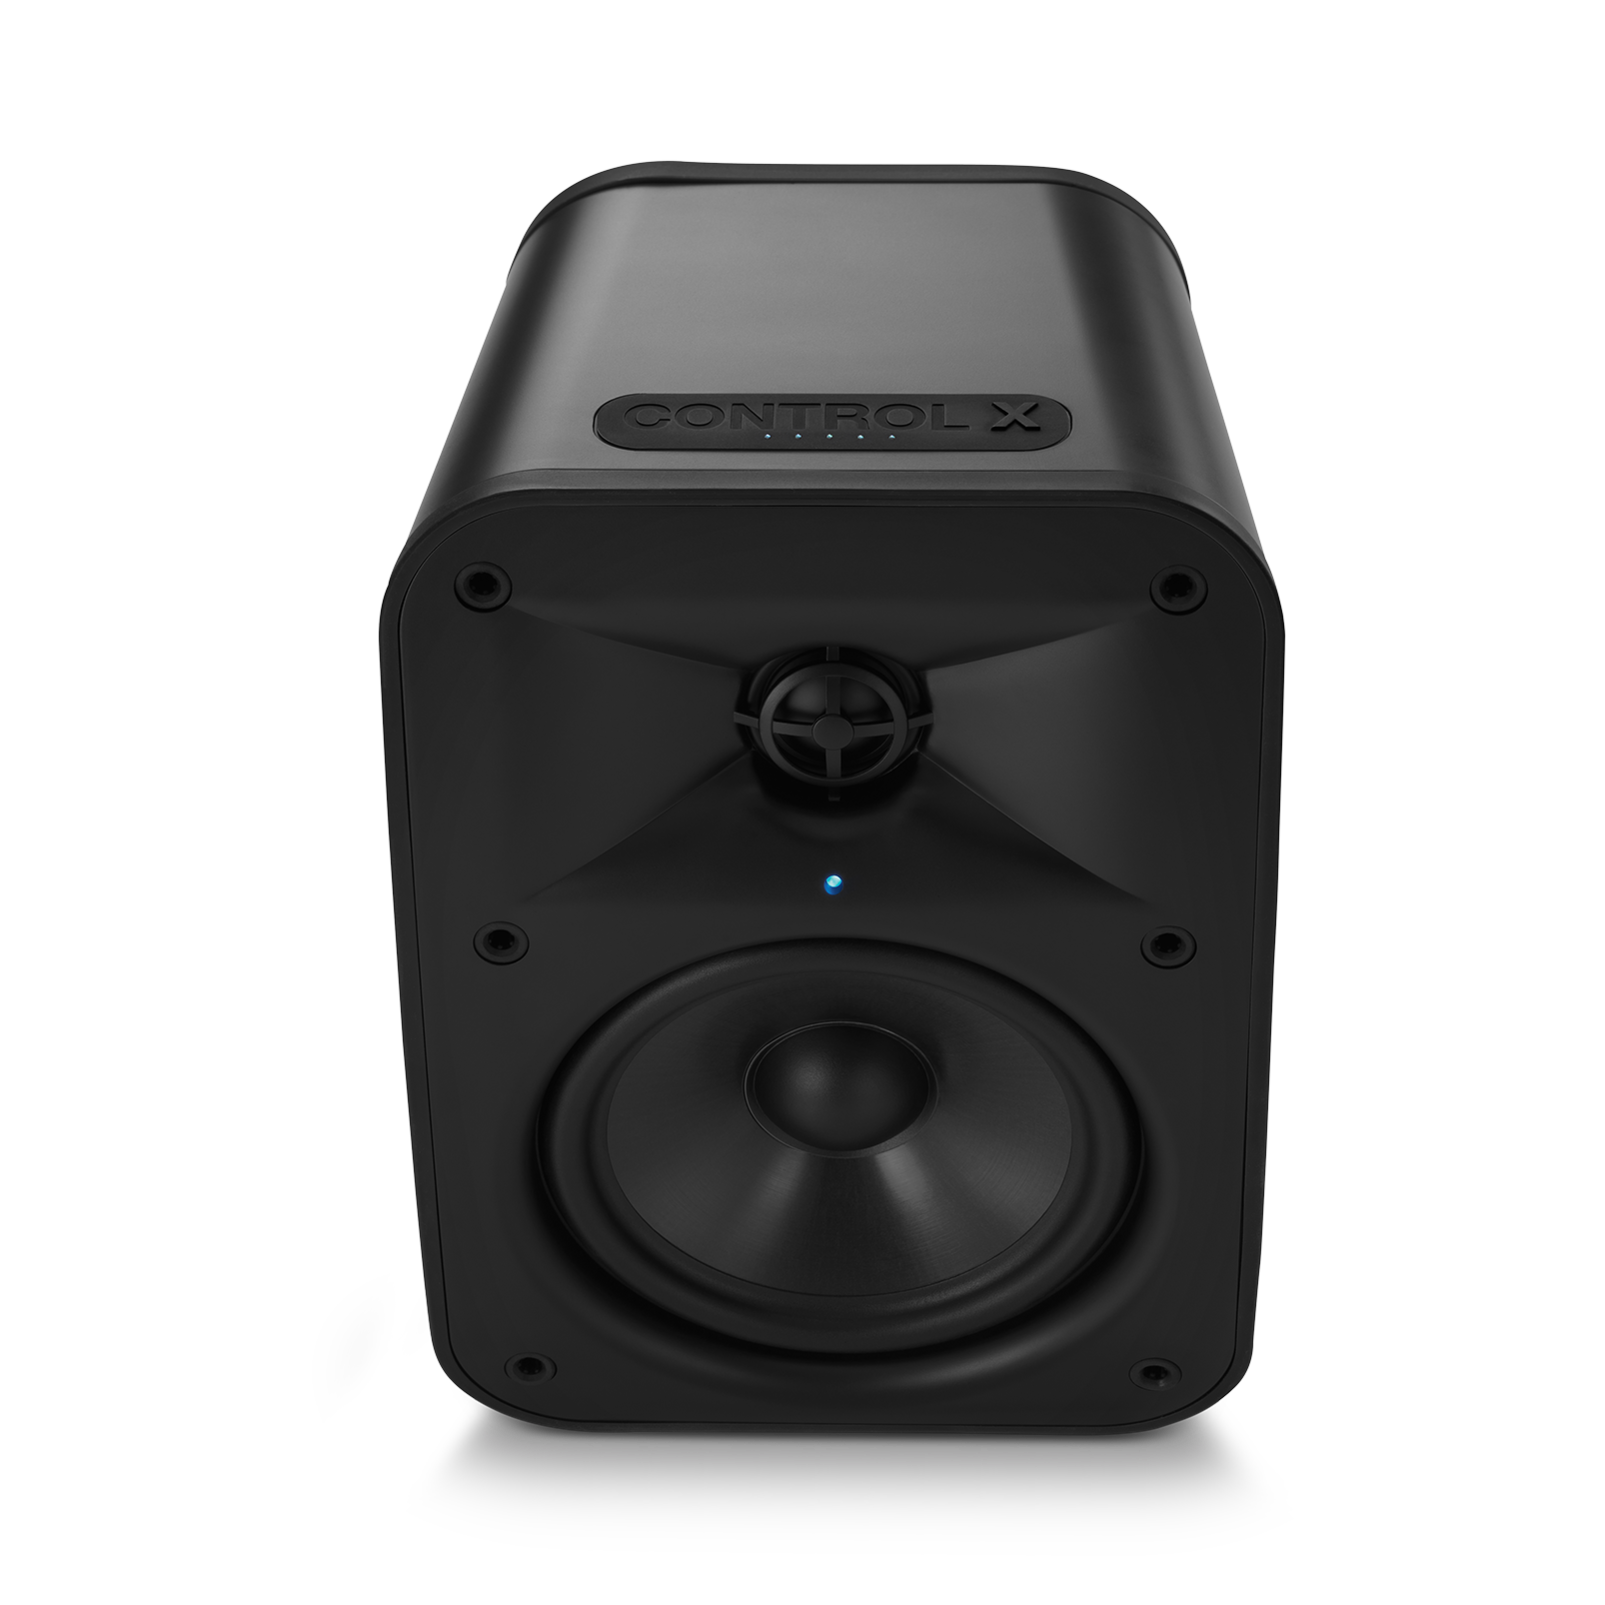 JBL Control X Wireless